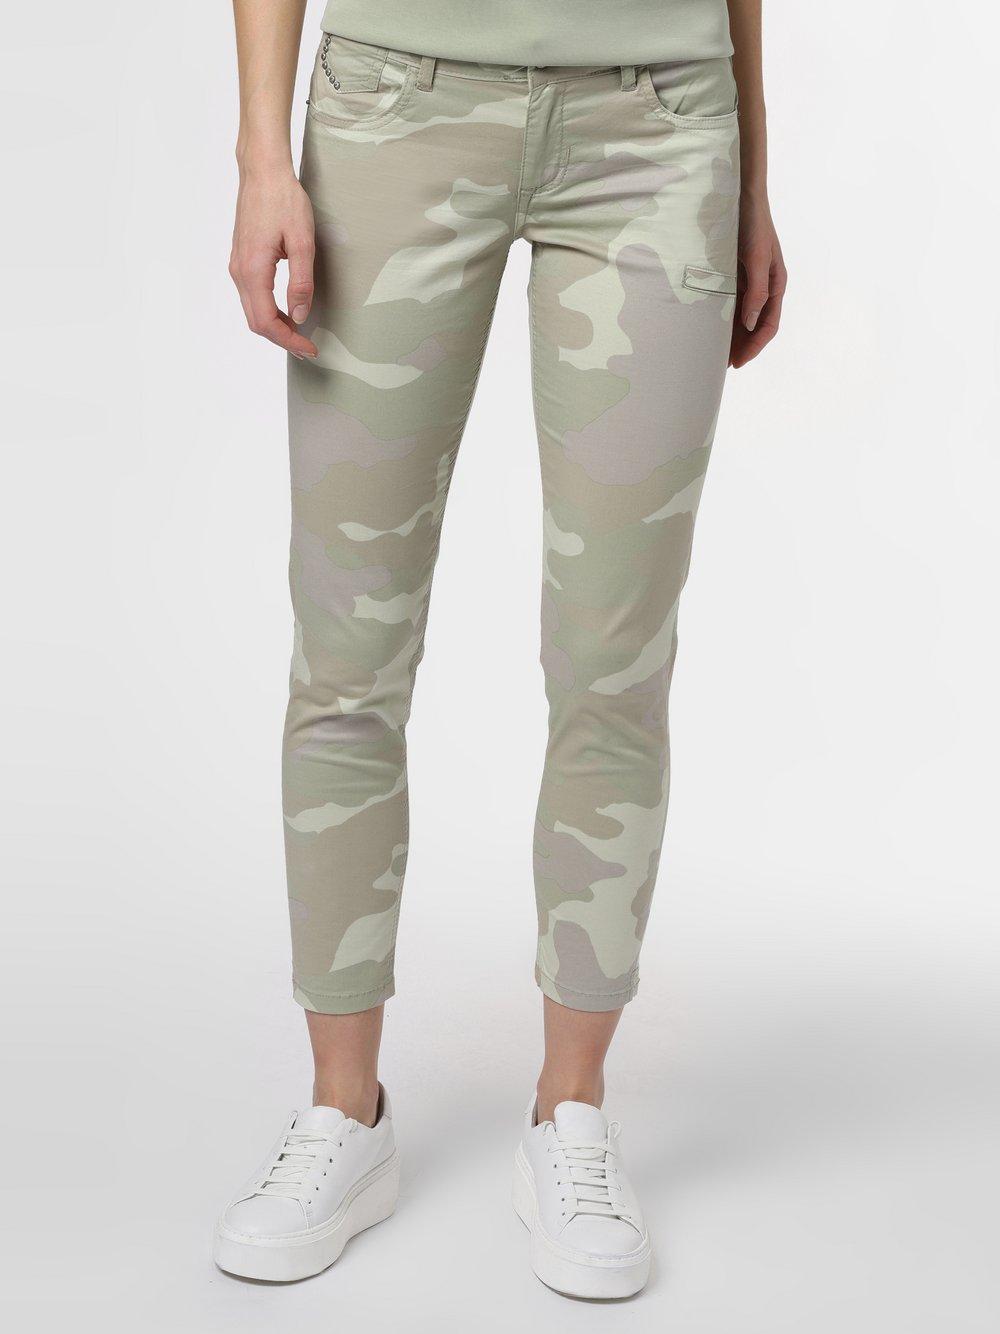 Blue Fire - Spodnie damskie – Chloe, zielony